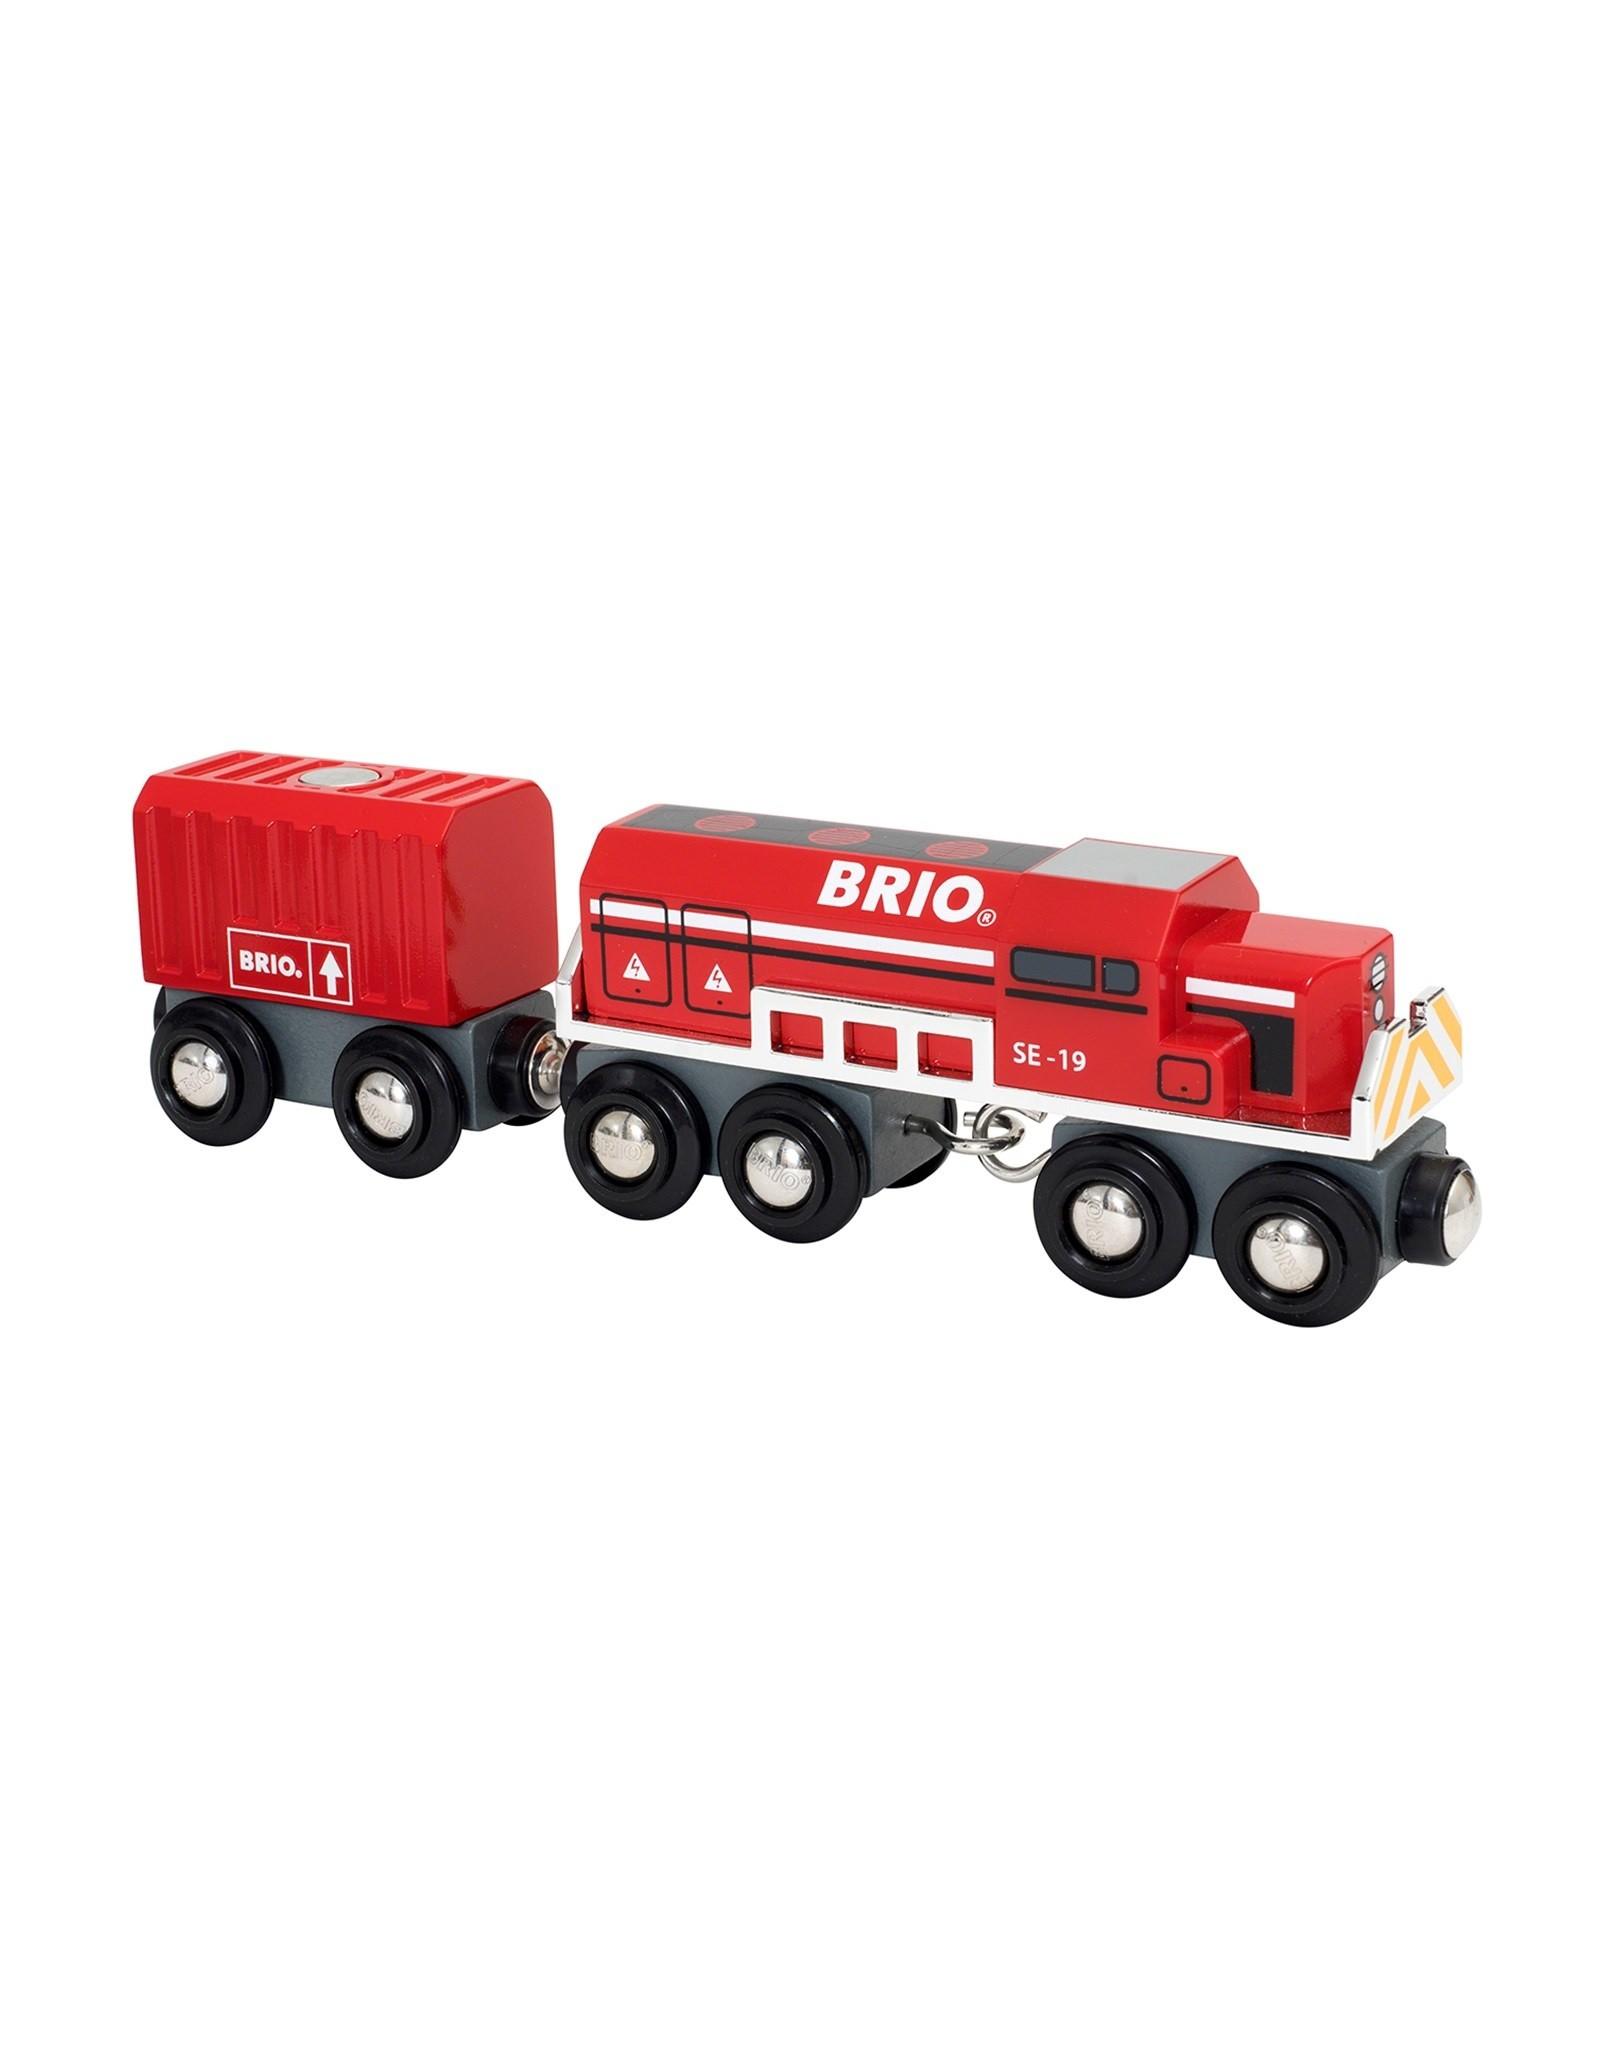 Brio BRIO Special Edition Train